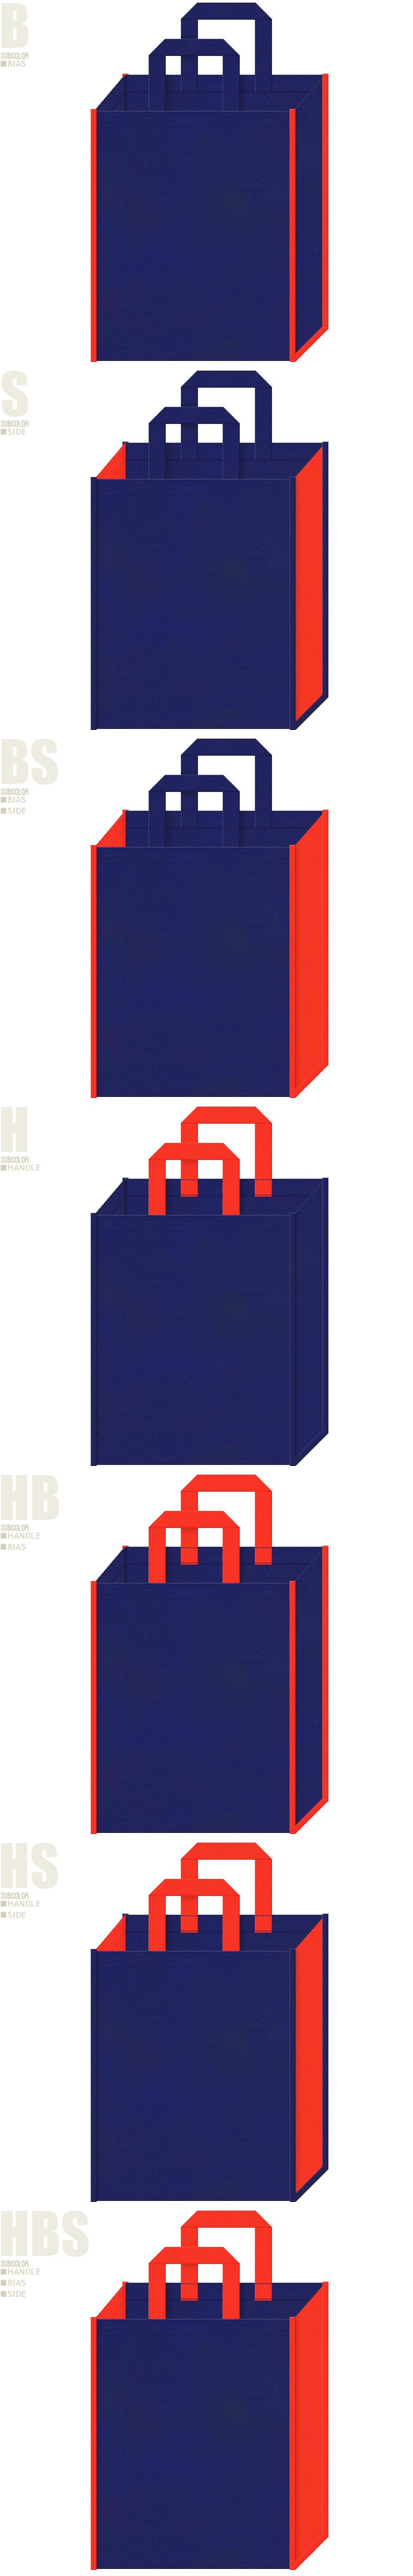 明るい紺色とオレンジ色の不織布バッグデザイン:配色7パターン